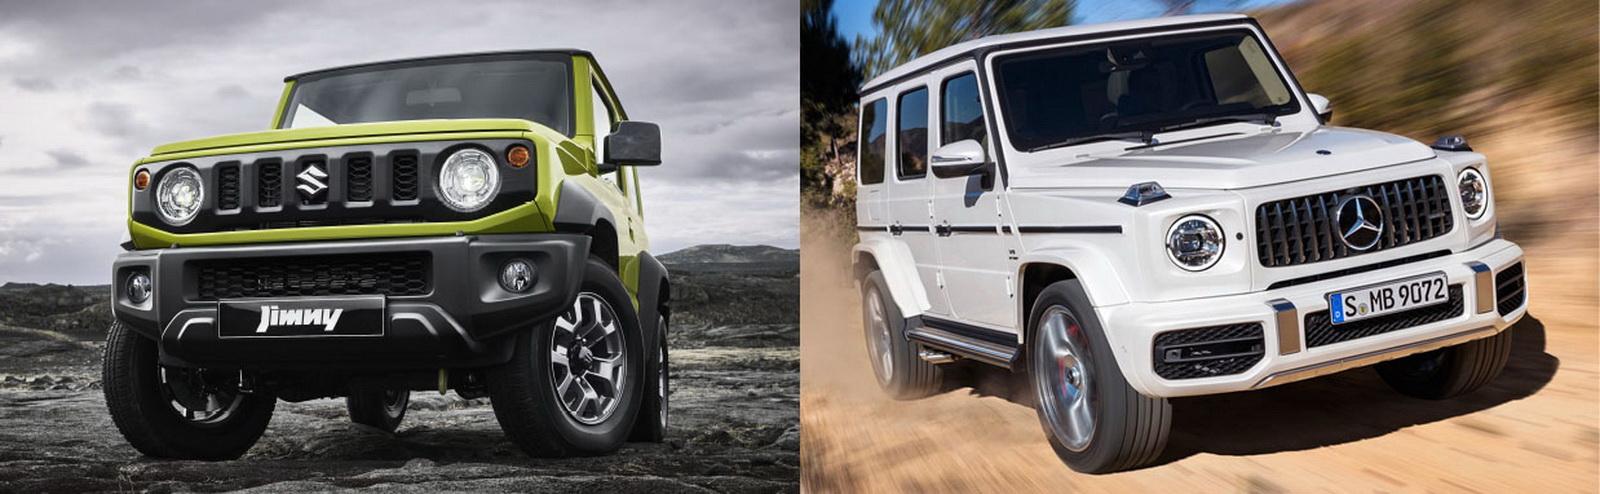 圖 / Suzuki Jimny VS Mercedes-AMG G63 W464硬派越野休旅無差別對決。